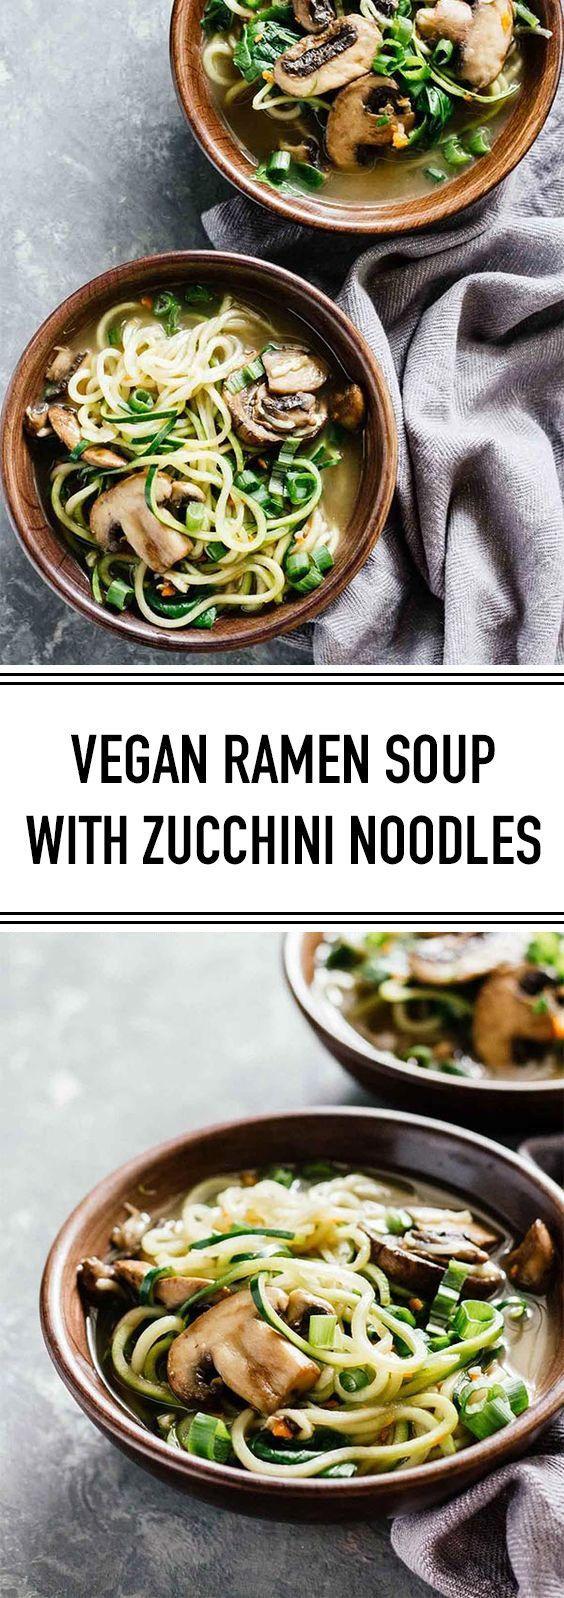 Vegane Ramen - Suppe mit Zucchini - Nudeln Diese vegane Ramen-Suppe mit Zucchini ... -